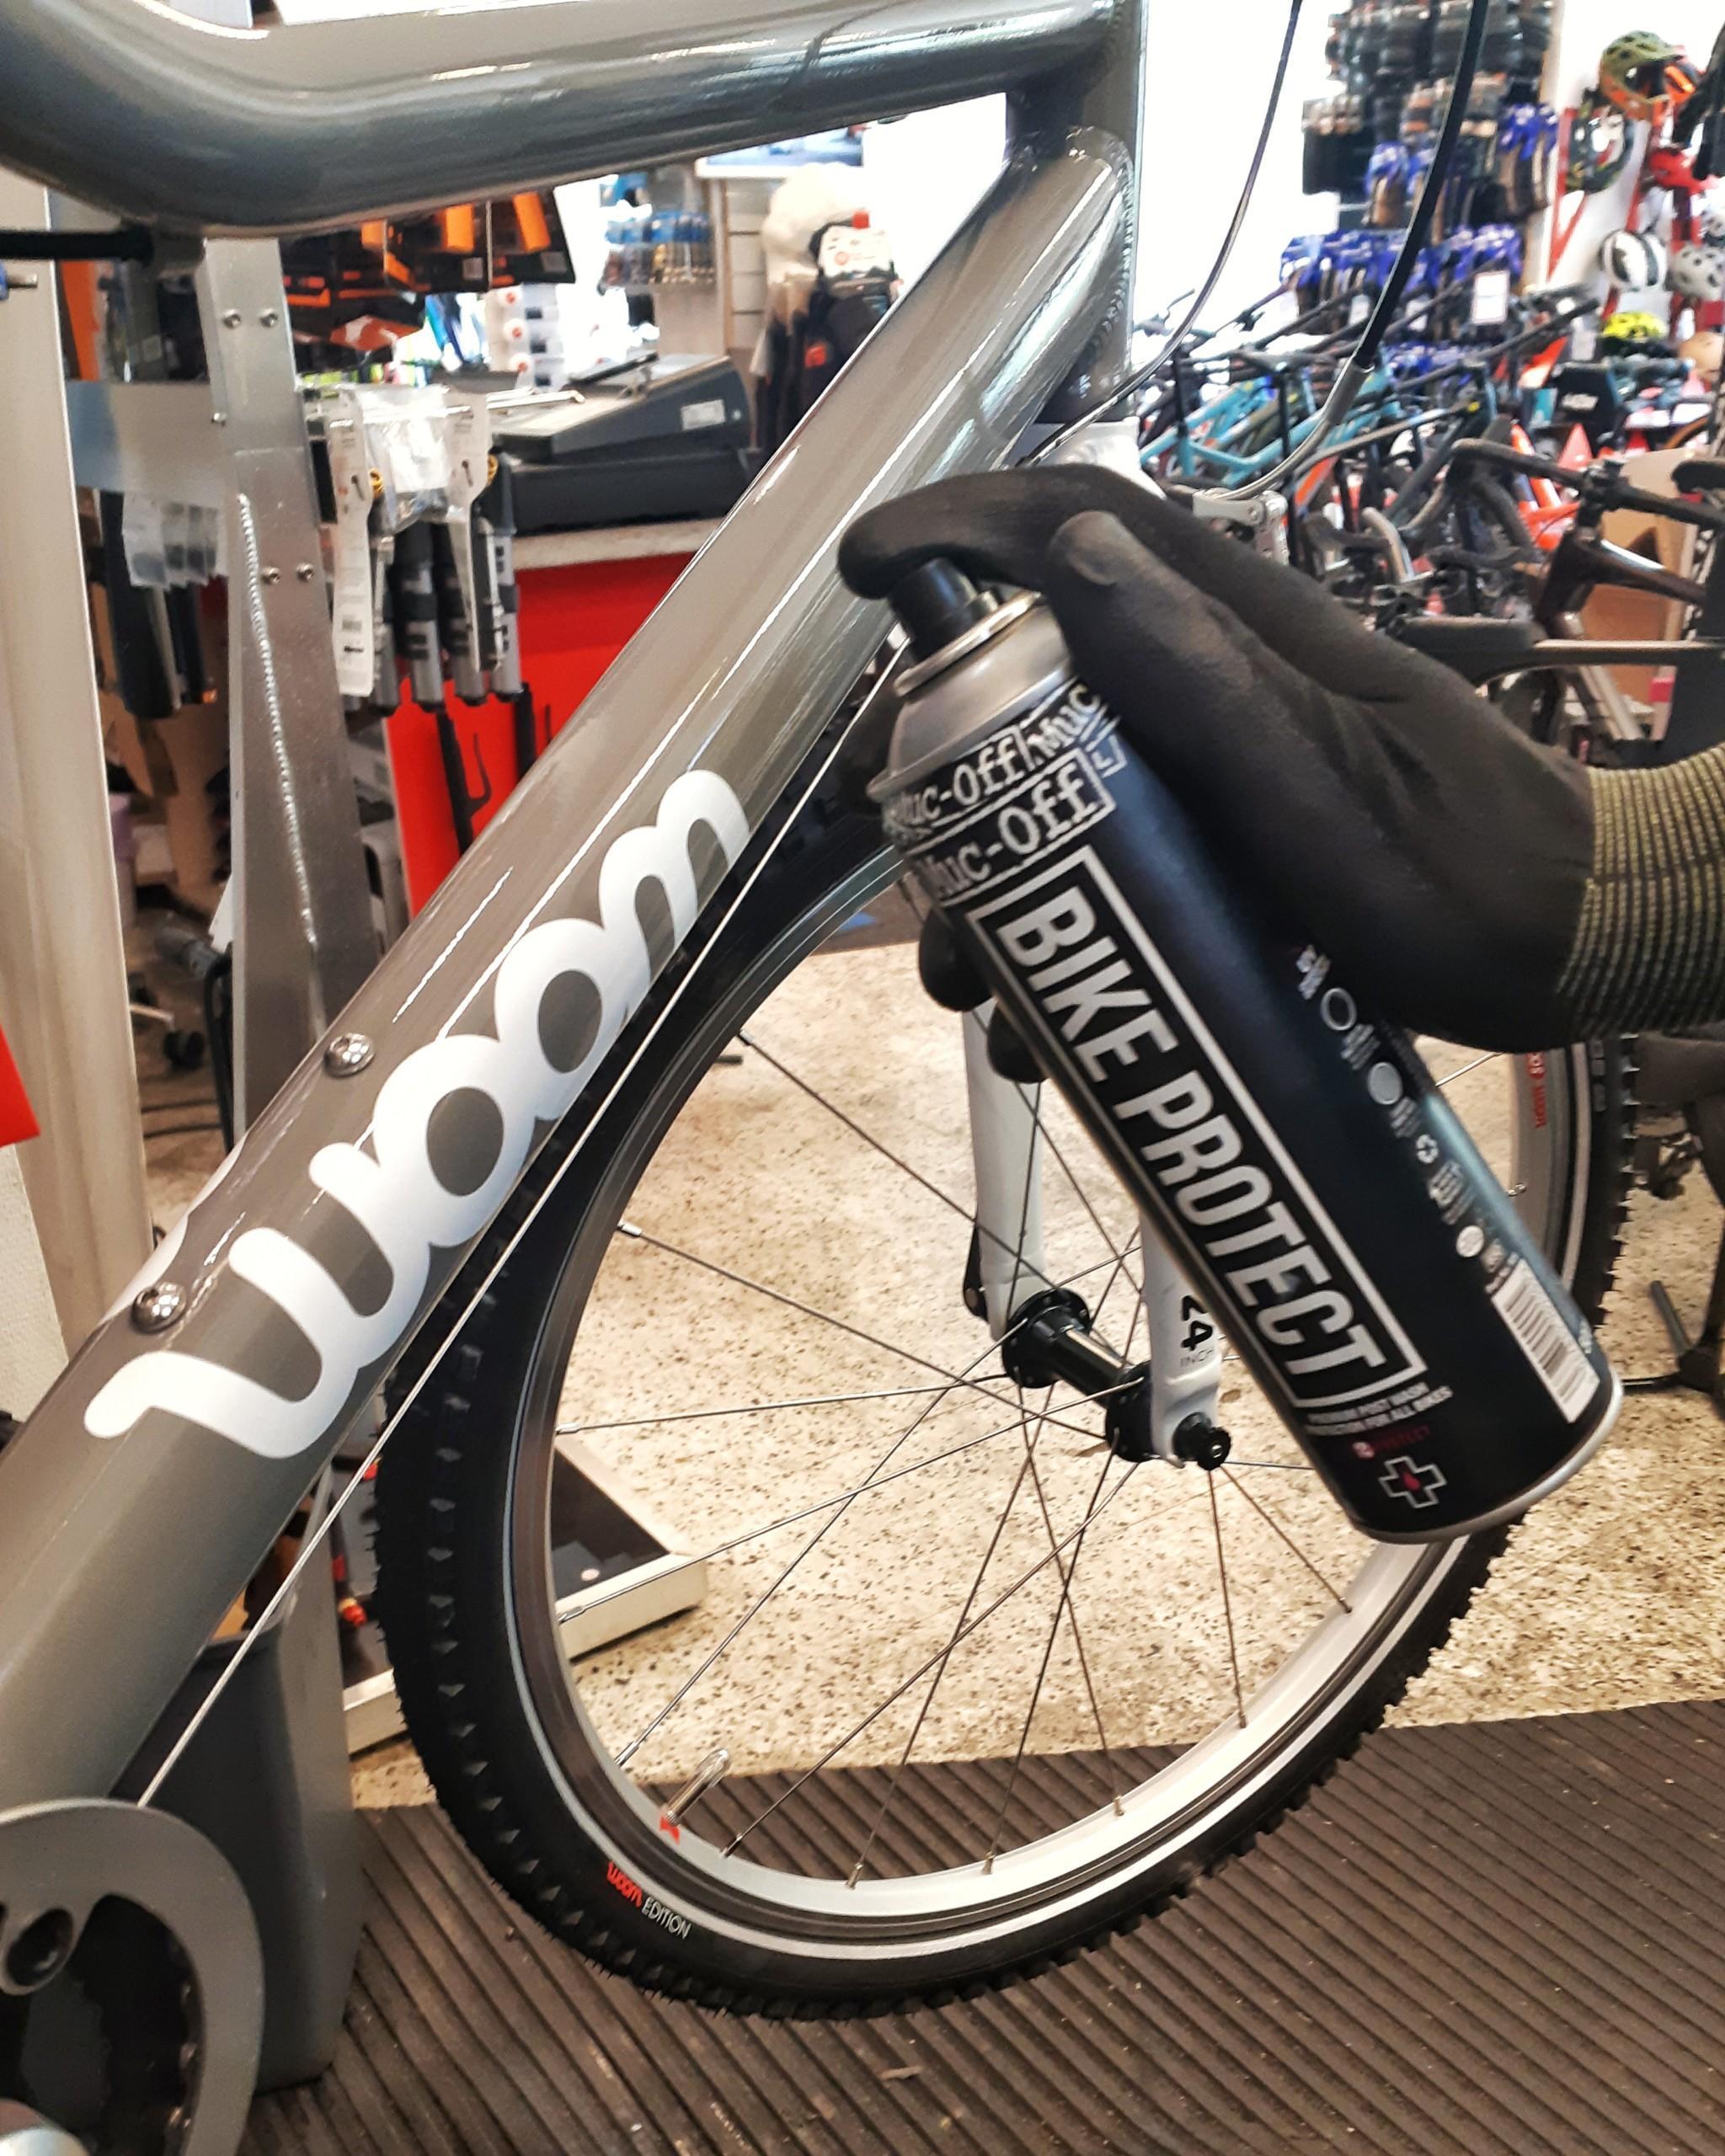 Huoltaa pyörä, kun siitä on eniten hyötyä.